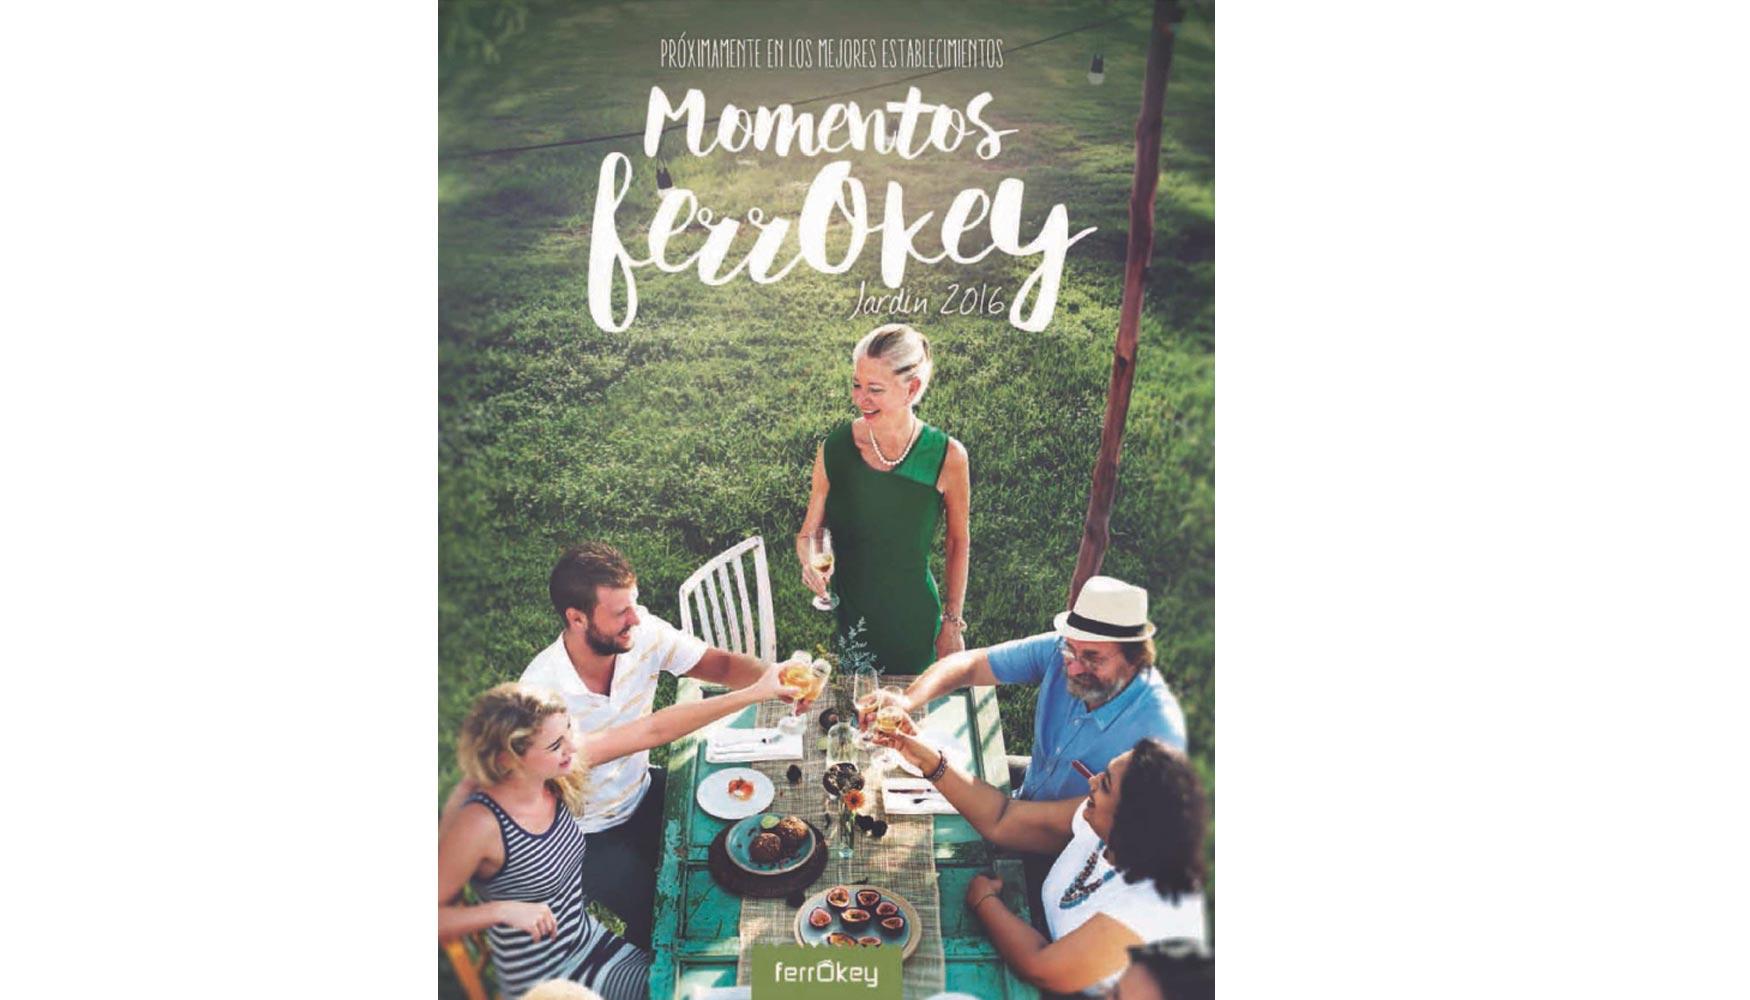 comafe lanza el folleto momentos ferrokey jard n 2016